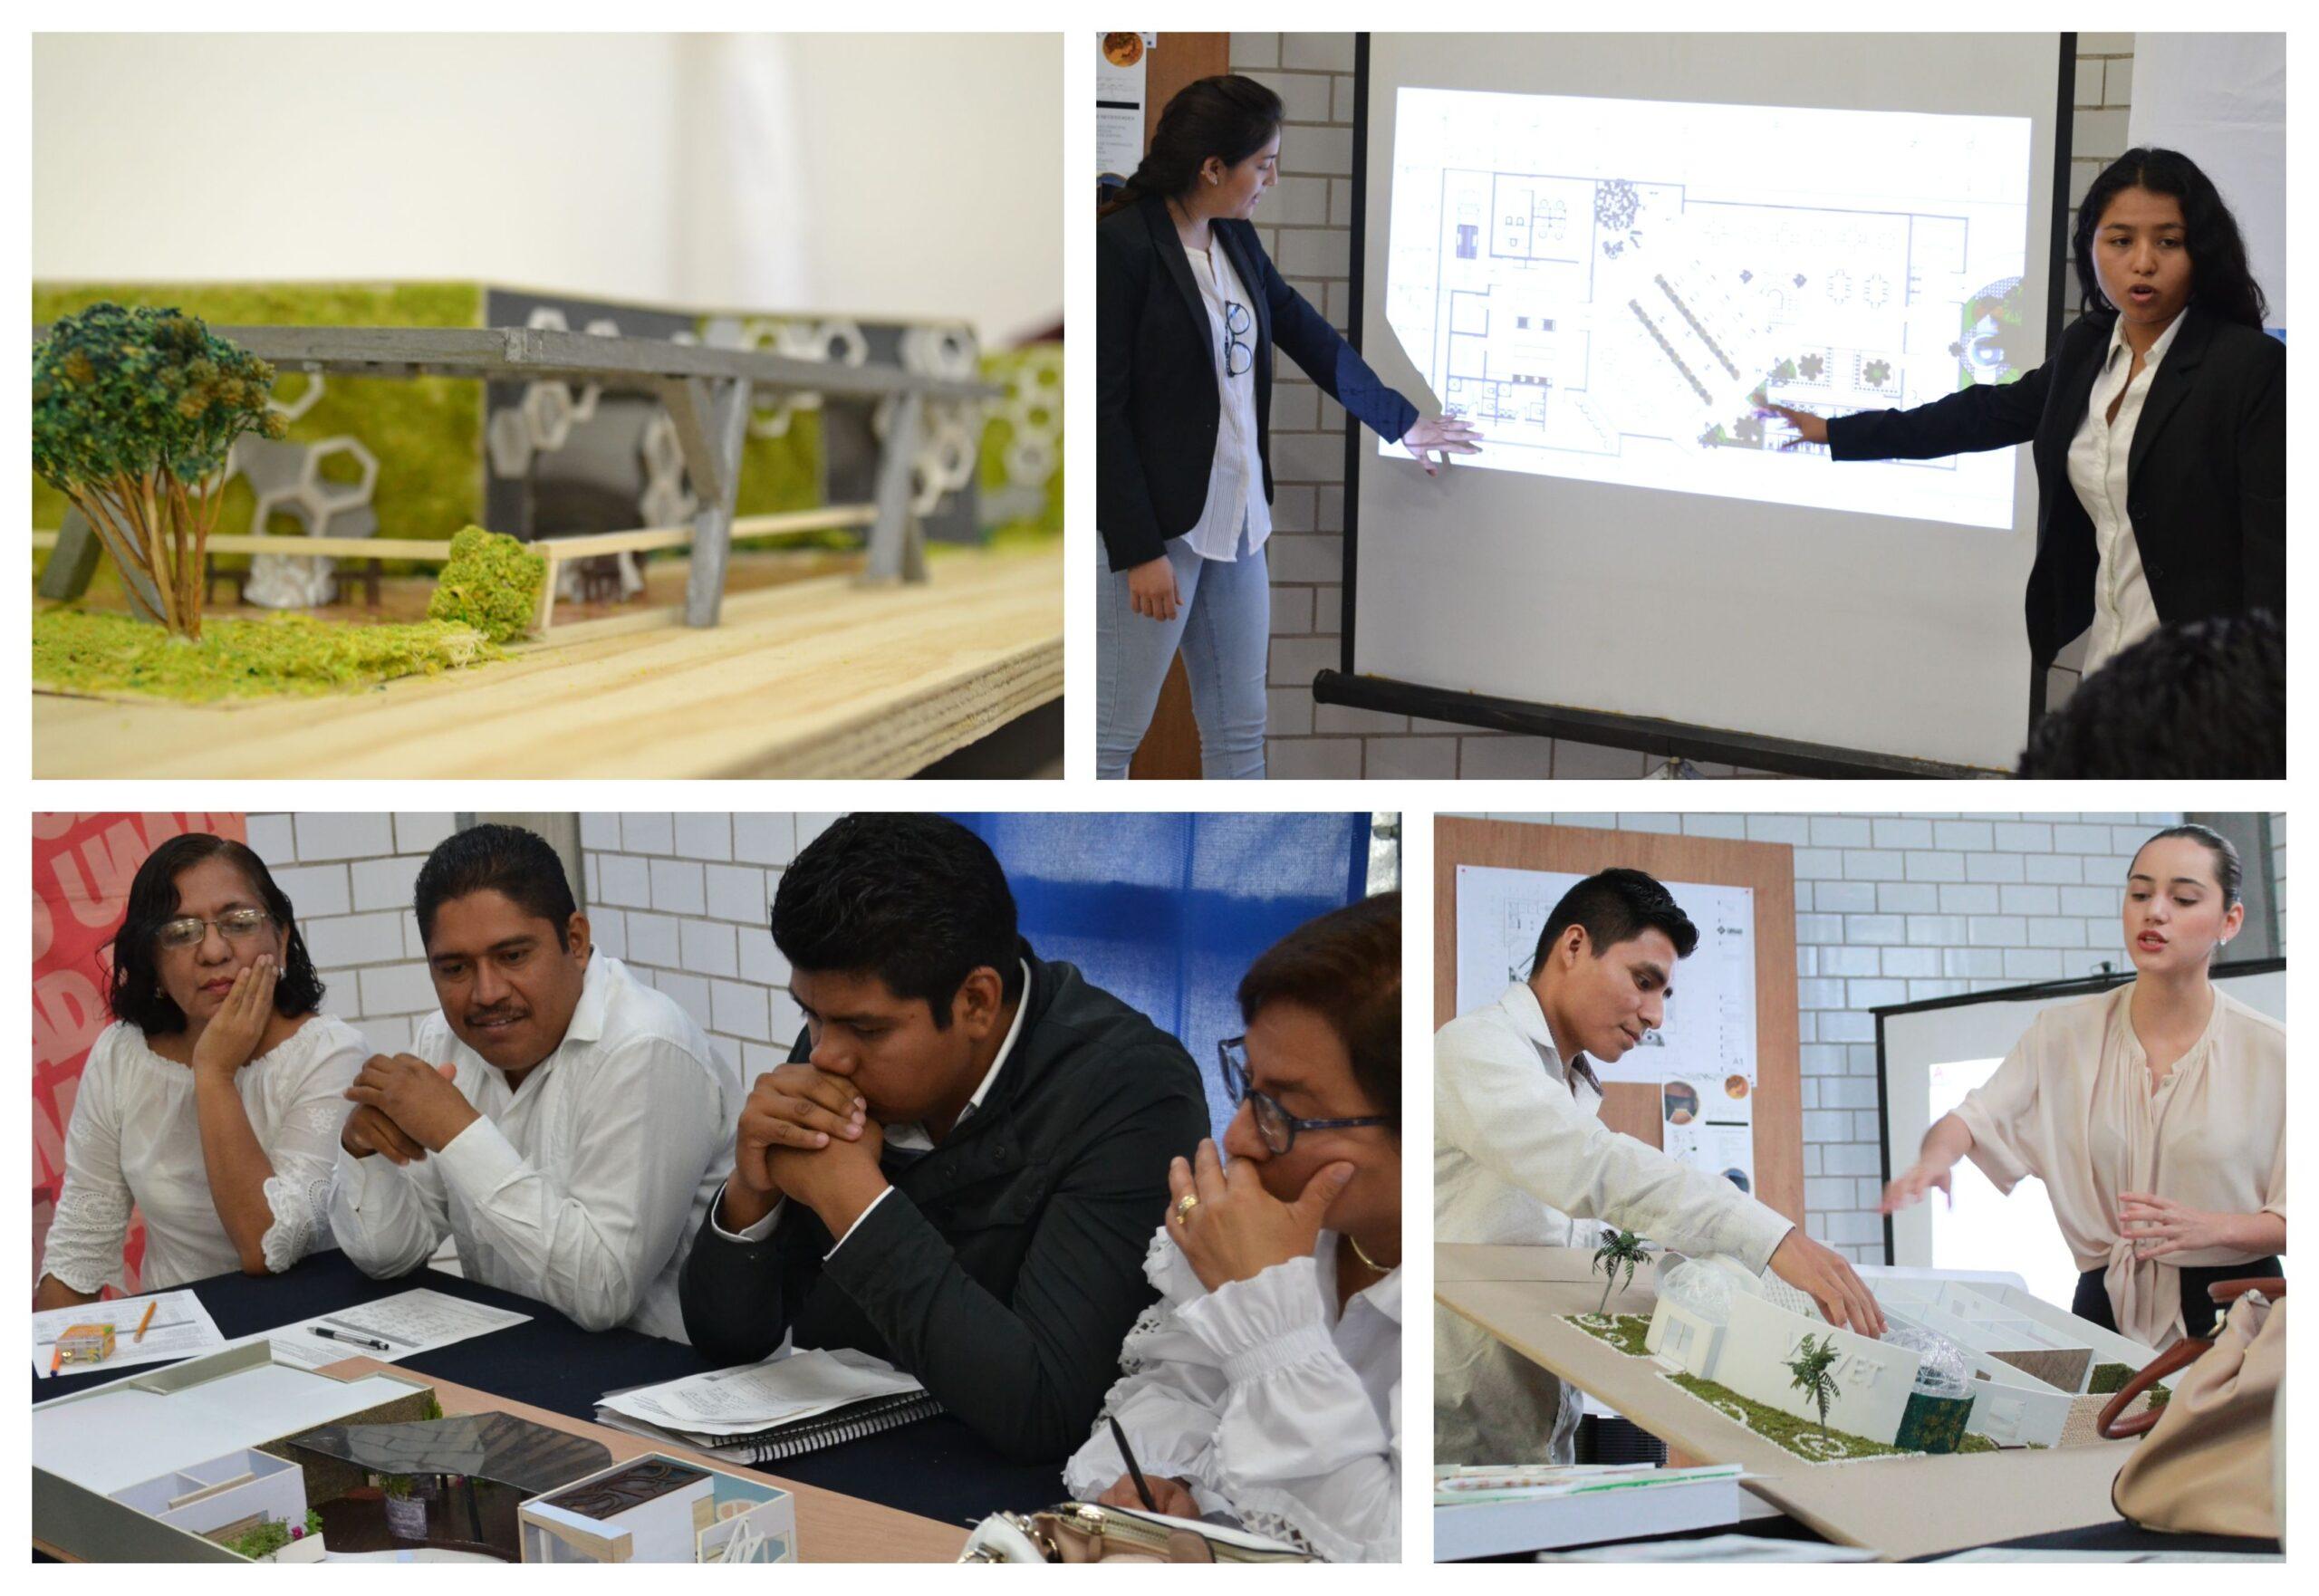 Alumnos Arquitectura de UMAD Papaloapan cierran semestre con una gran presentaci?n